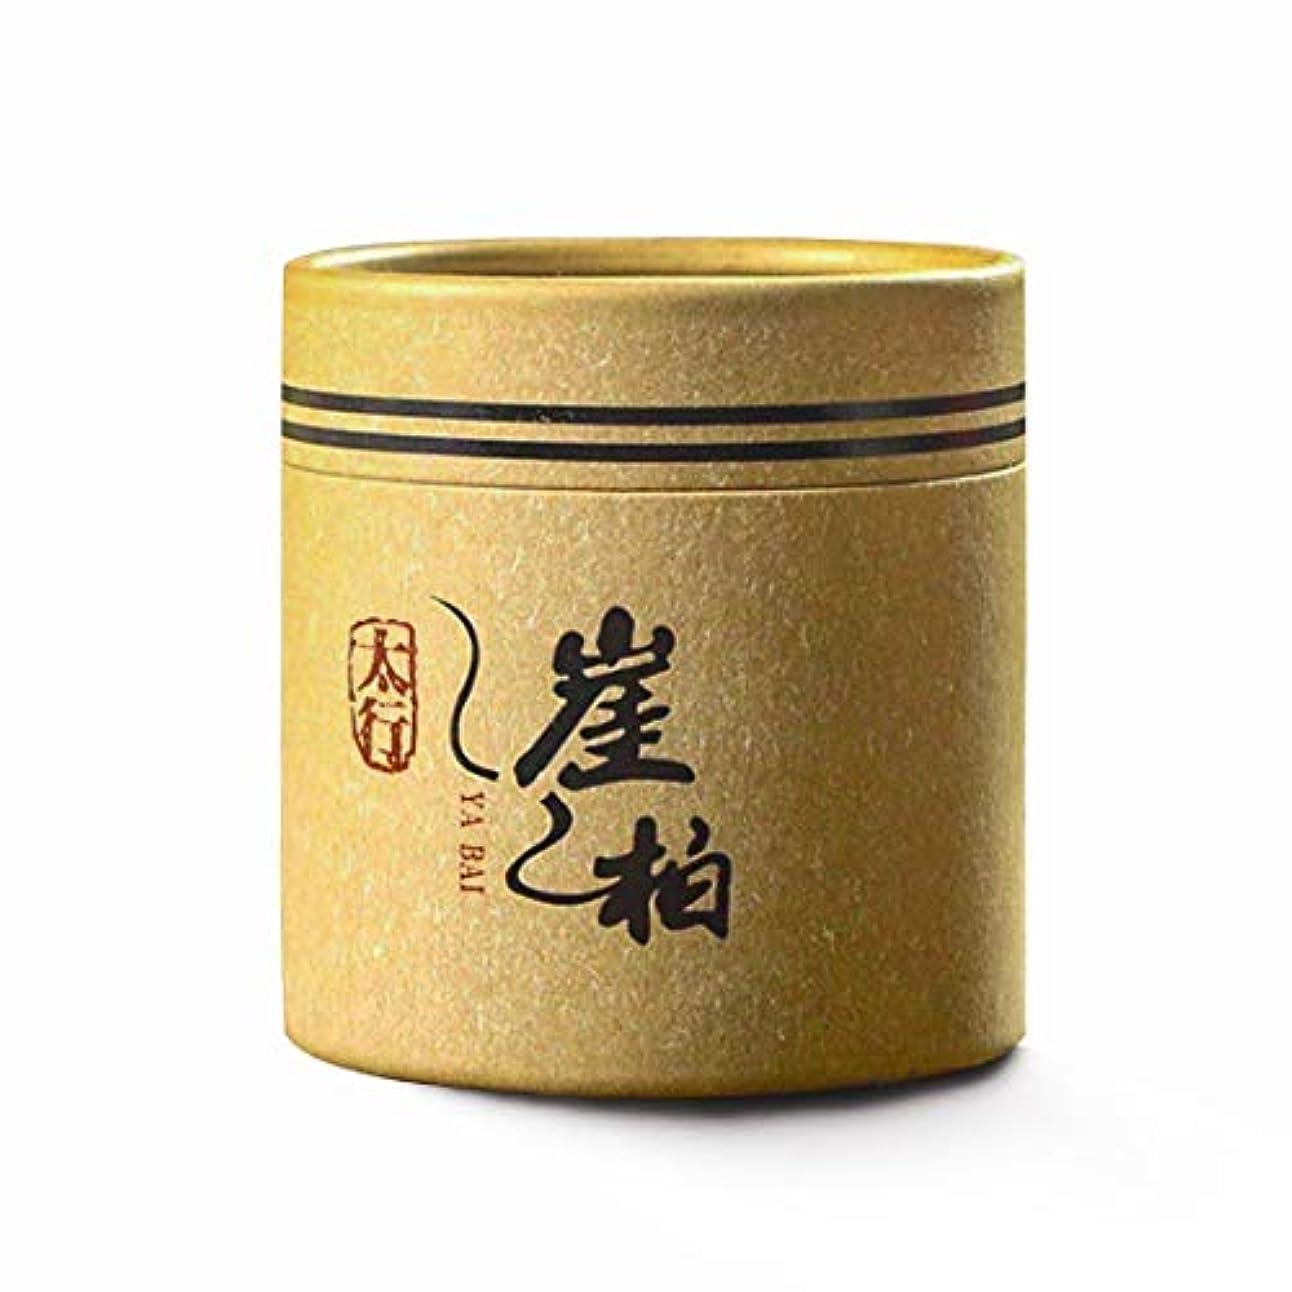 メッセンジャー廃止する宿泊Hwagui お香 陈化崖柏 優しい香り 渦巻き線香 4時間盤香 48巻入